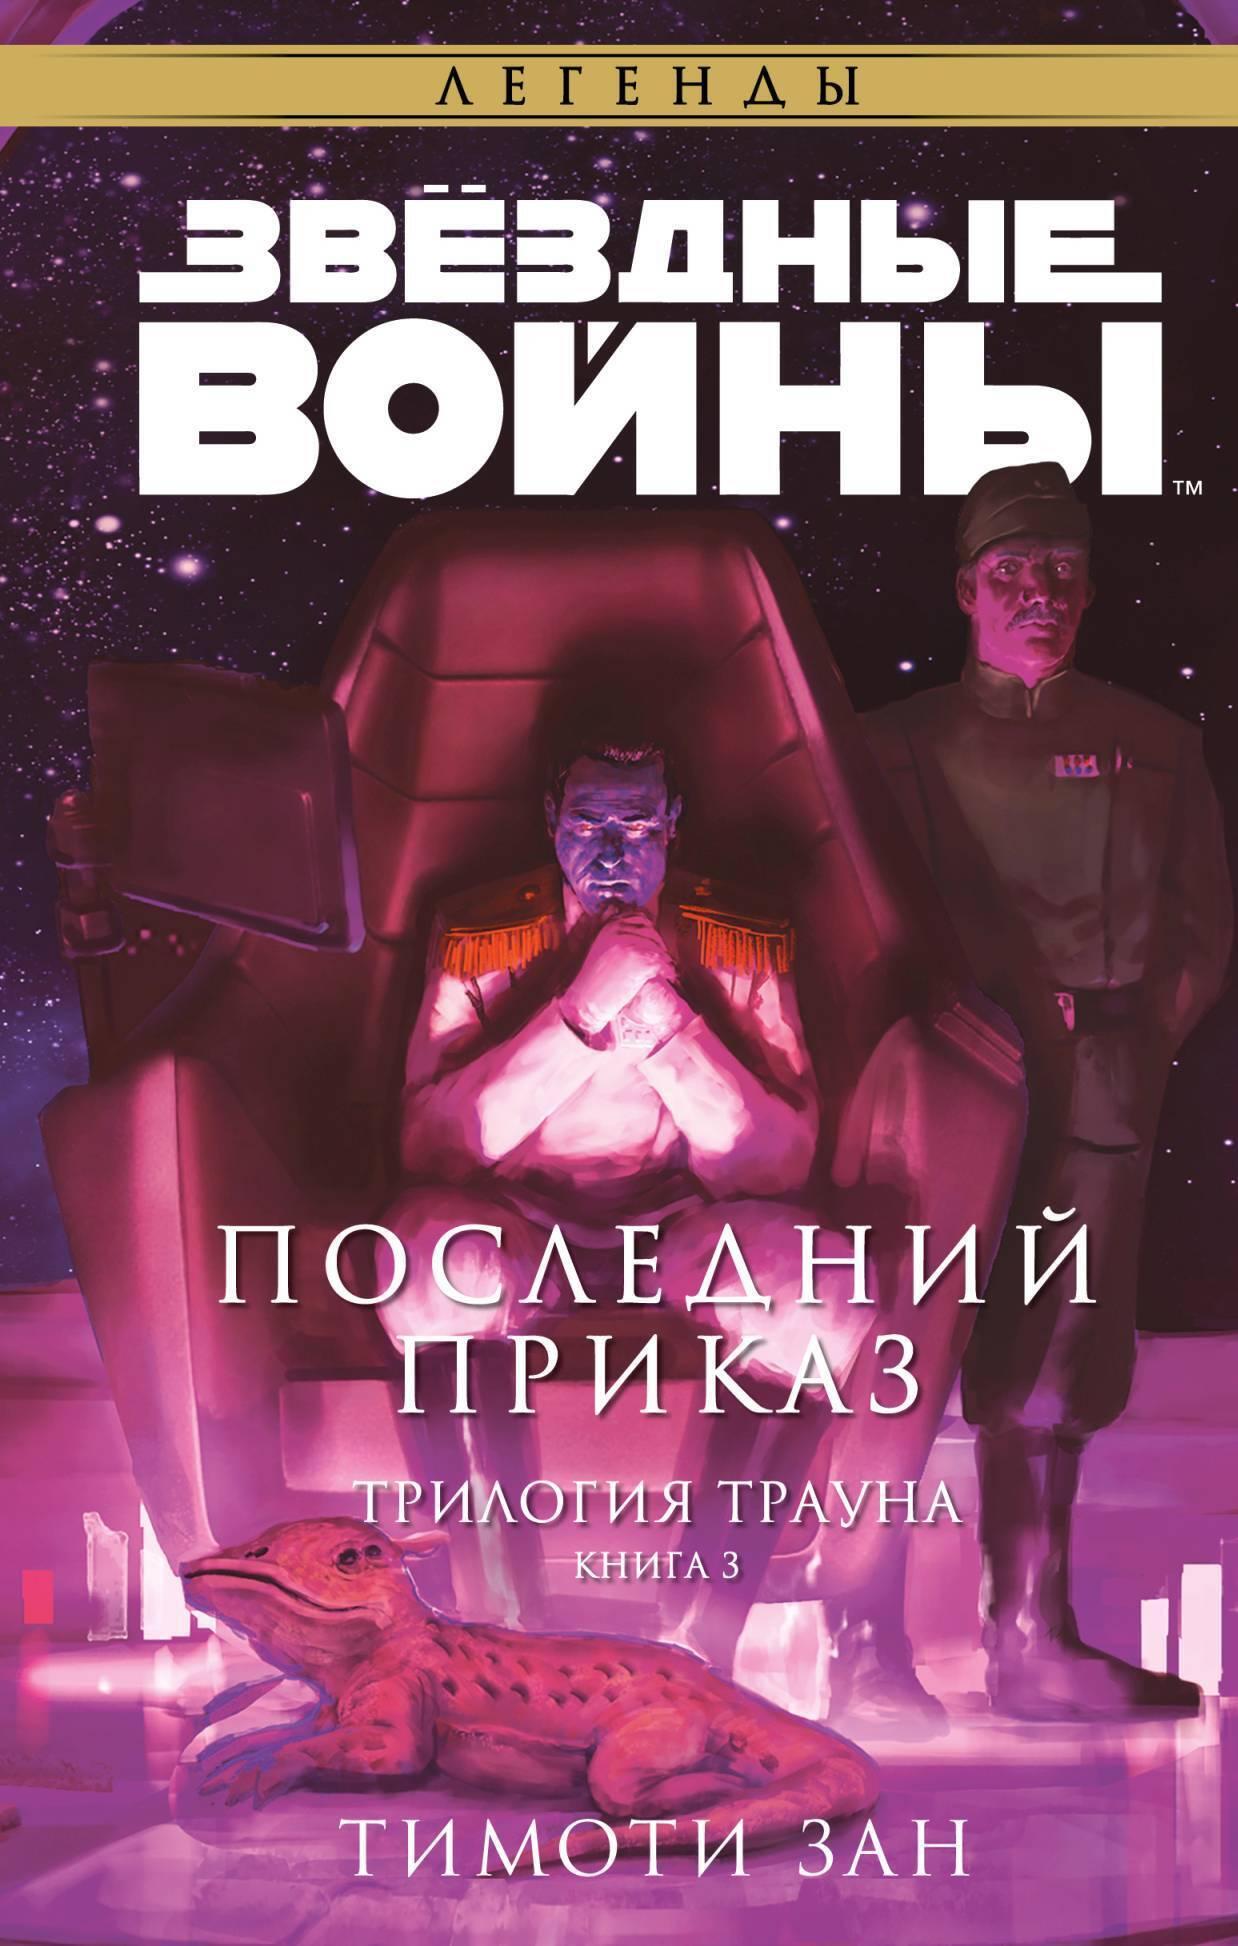 Звёздные Войны. Трилогия о Трауне. Книга 3. Последний приказ